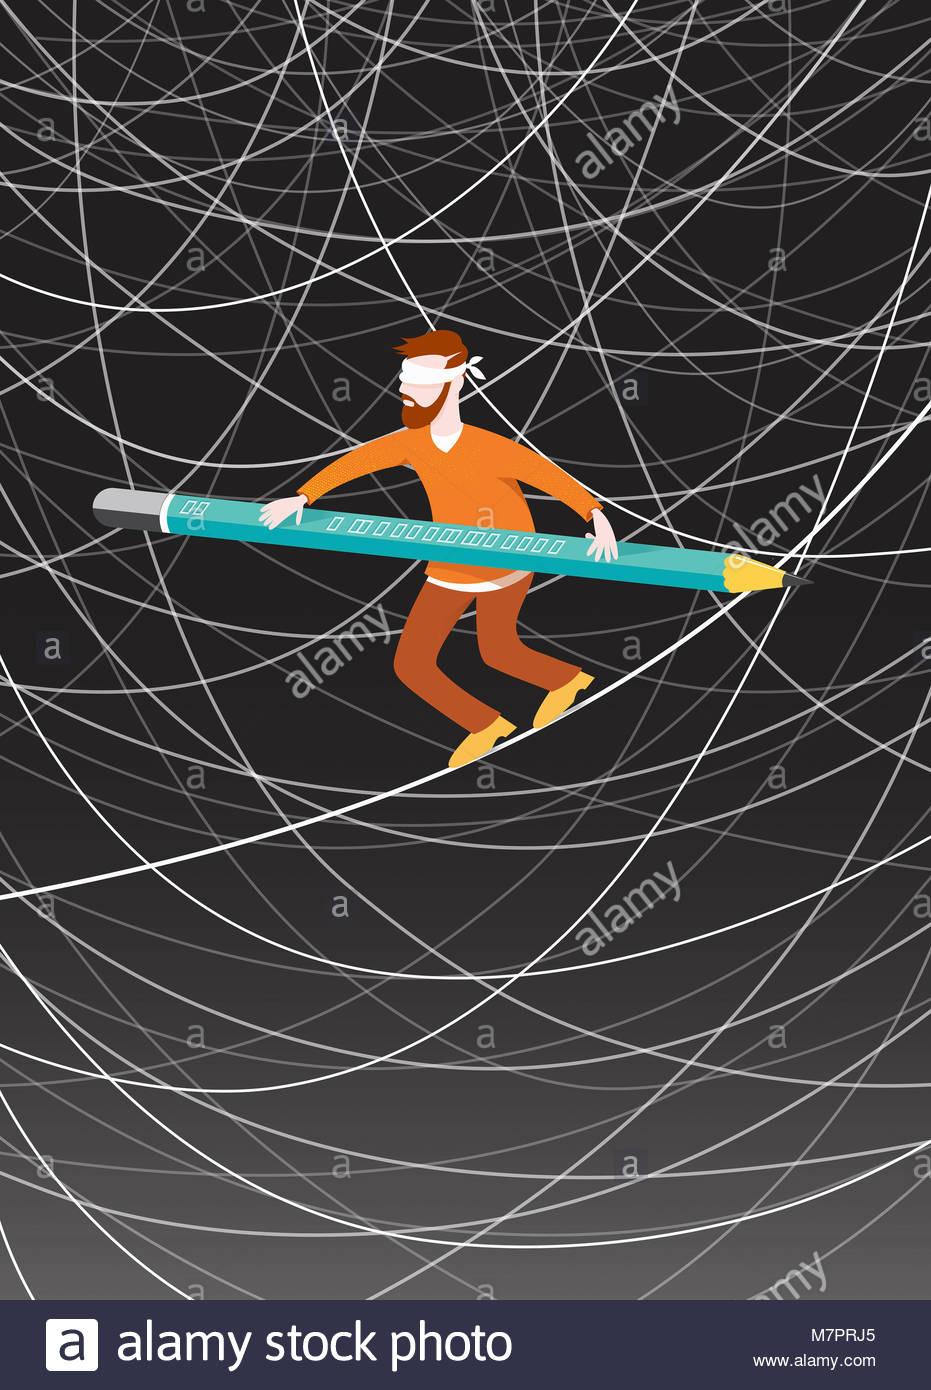 Homme qui marche les yeux bandés avec équilibrage de la corde raide entre crayon beaucoup de lignes emmêlées Photo Stock